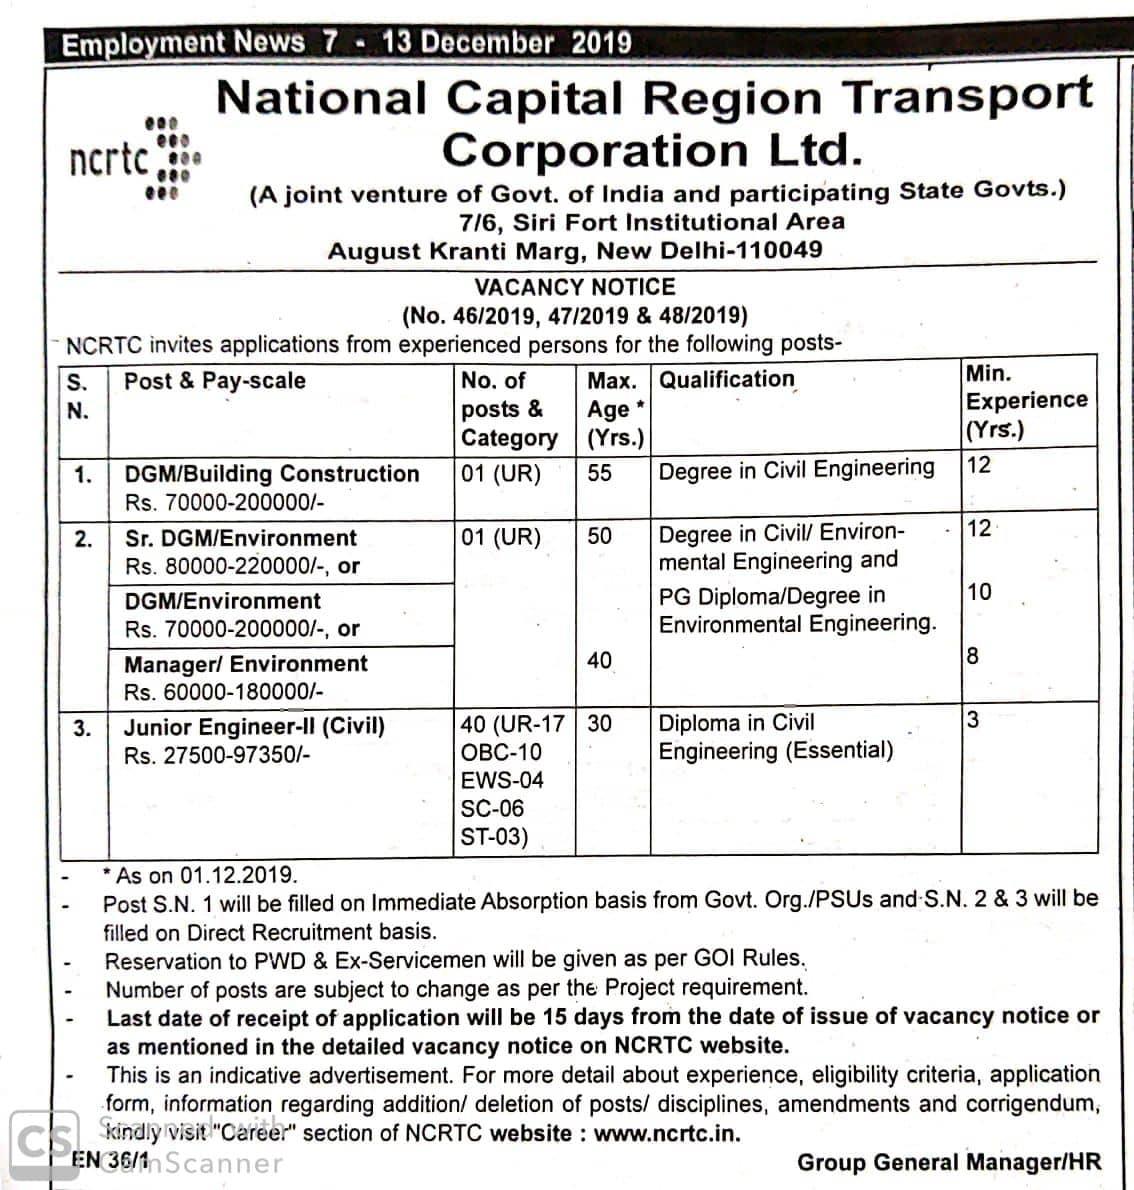 NCRTC Recruitment 2019 notification released for Junior Engineer vacancies